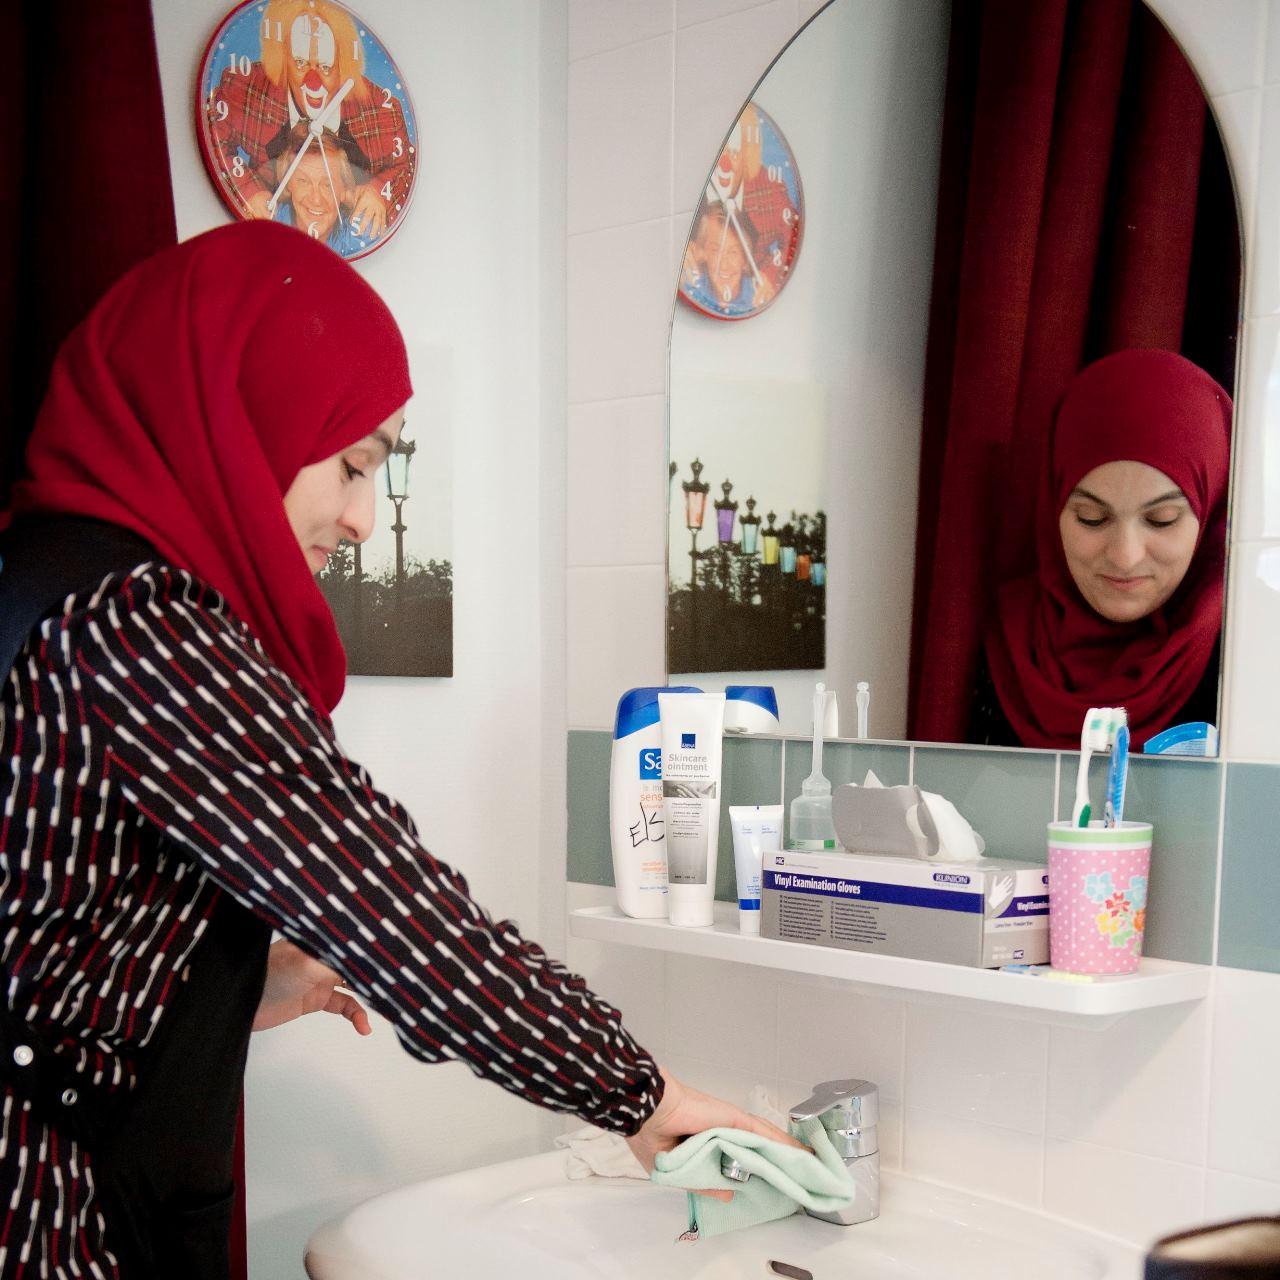 Khadija Boulila S&L Zorg, medewerkers, verstandelijke beperking, cliënten, menslievende zorg